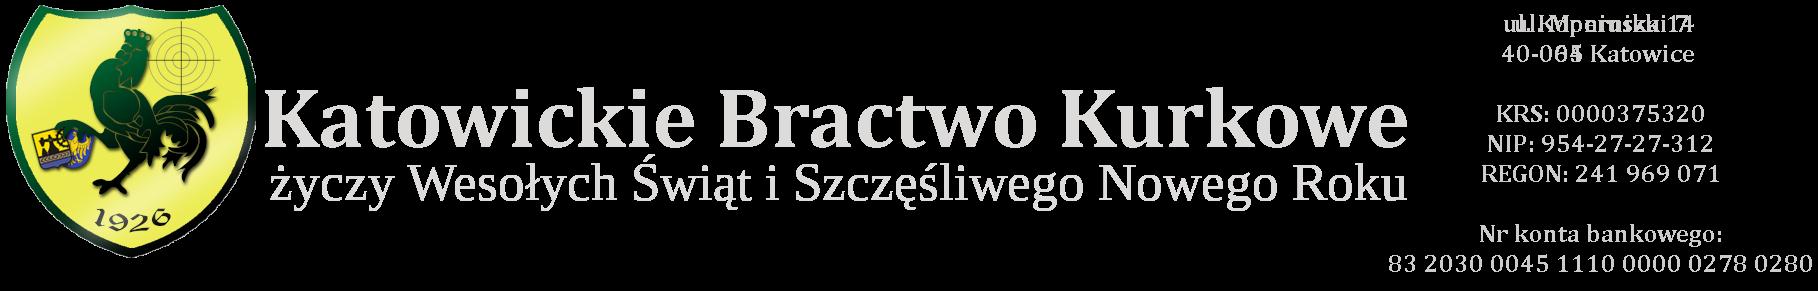 Katowickie Bractwo Kurkowe